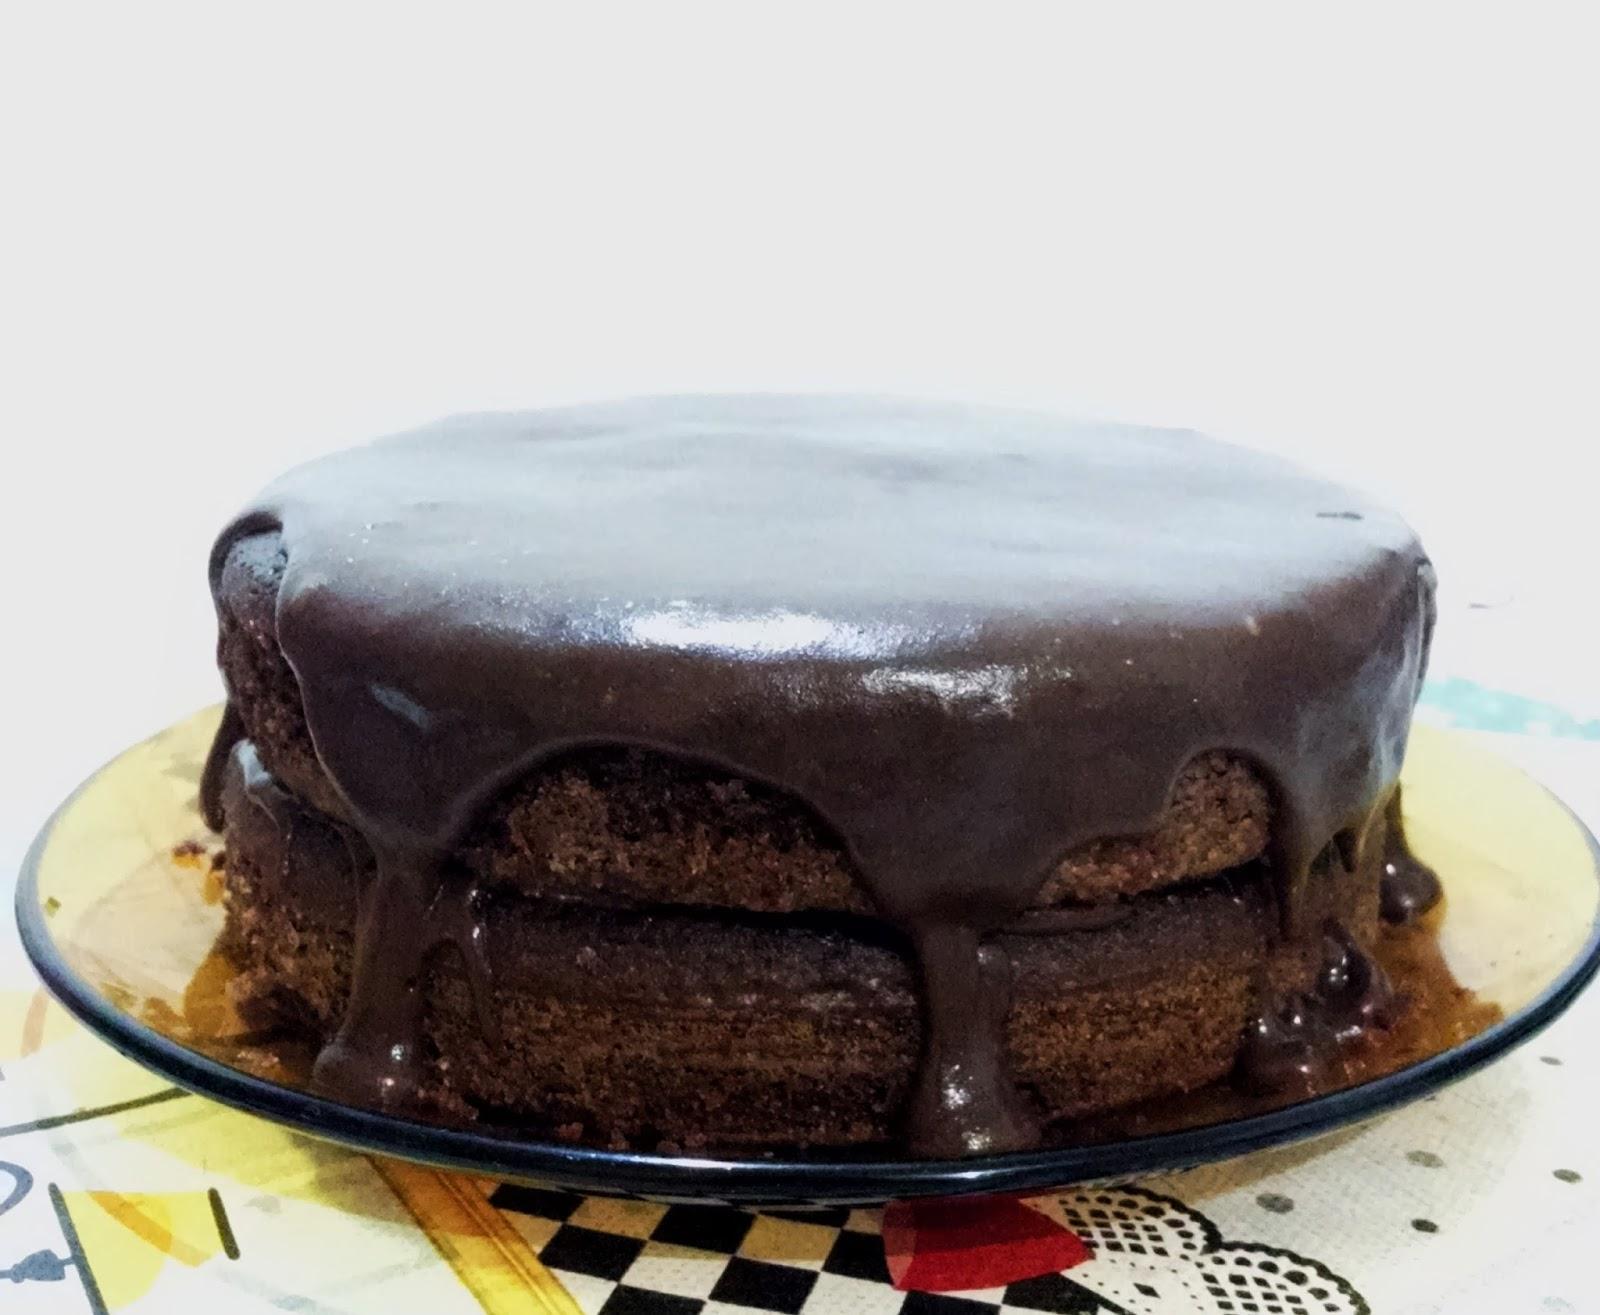 receita bolo de chocolate molhado, receita bolo de chocolate molhado, receita bolo de chocolate molhado, receita bolo de chocolate molhado,